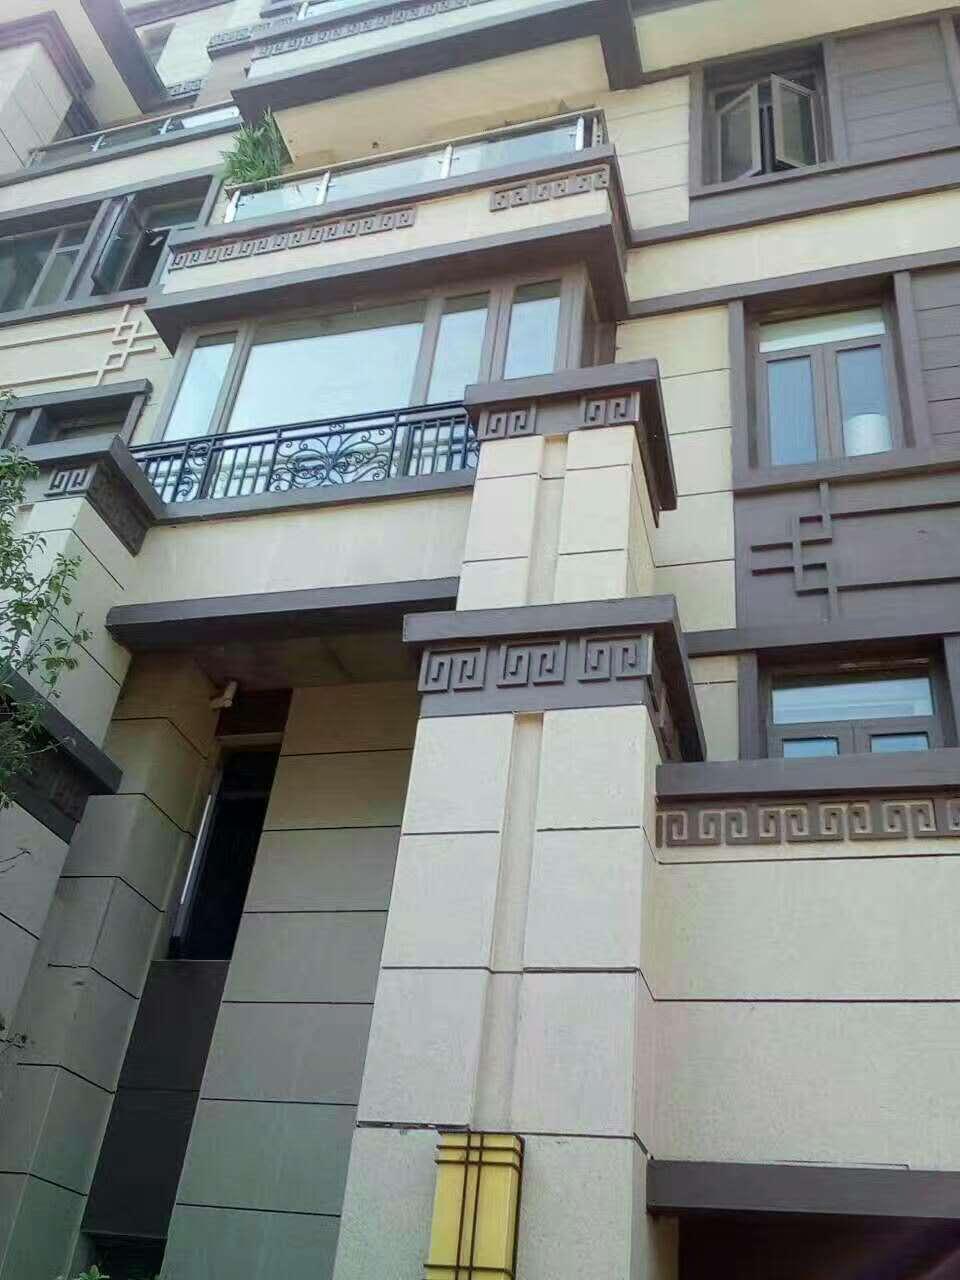 氟碳漆外墙保温装饰一体板,铝板,镀铝锌钢板保温一体板